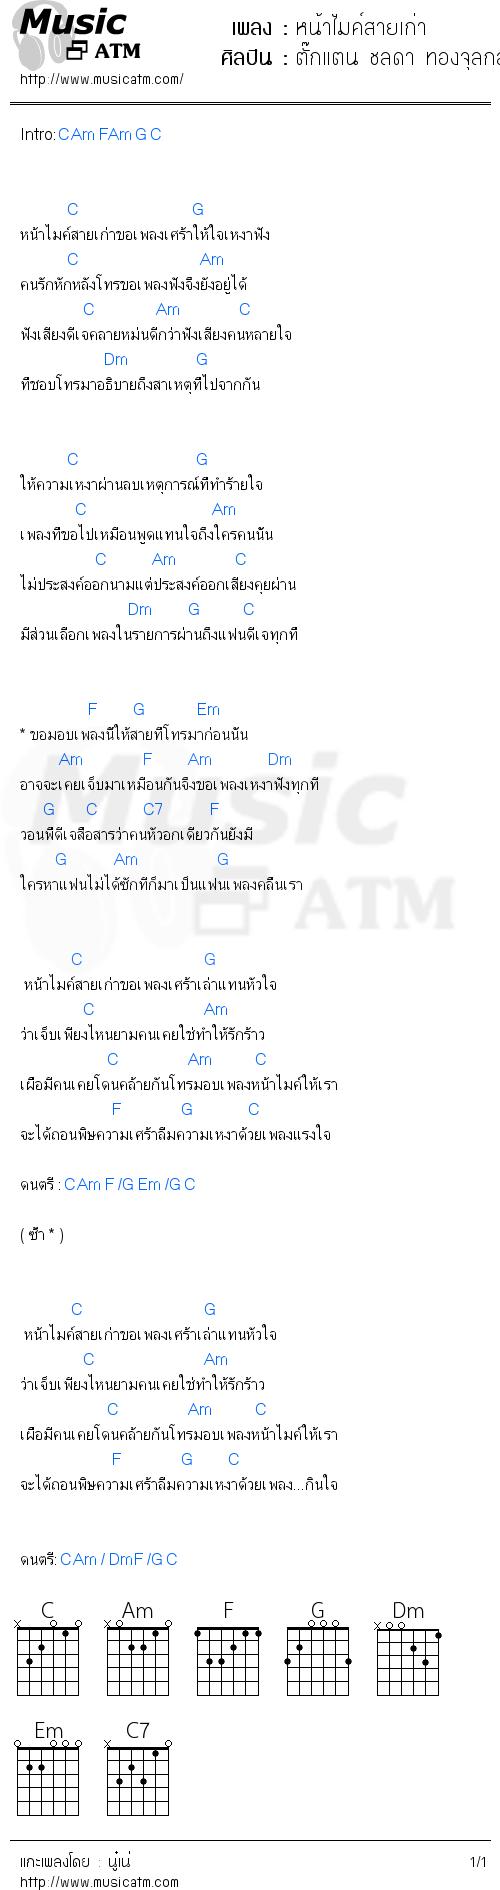 คอร์ดเพลง หน้าไมค์สายเก่า - ตั๊กแตน ชลดา ทองจุลกลาง | คอร์ดเพลงใหม่